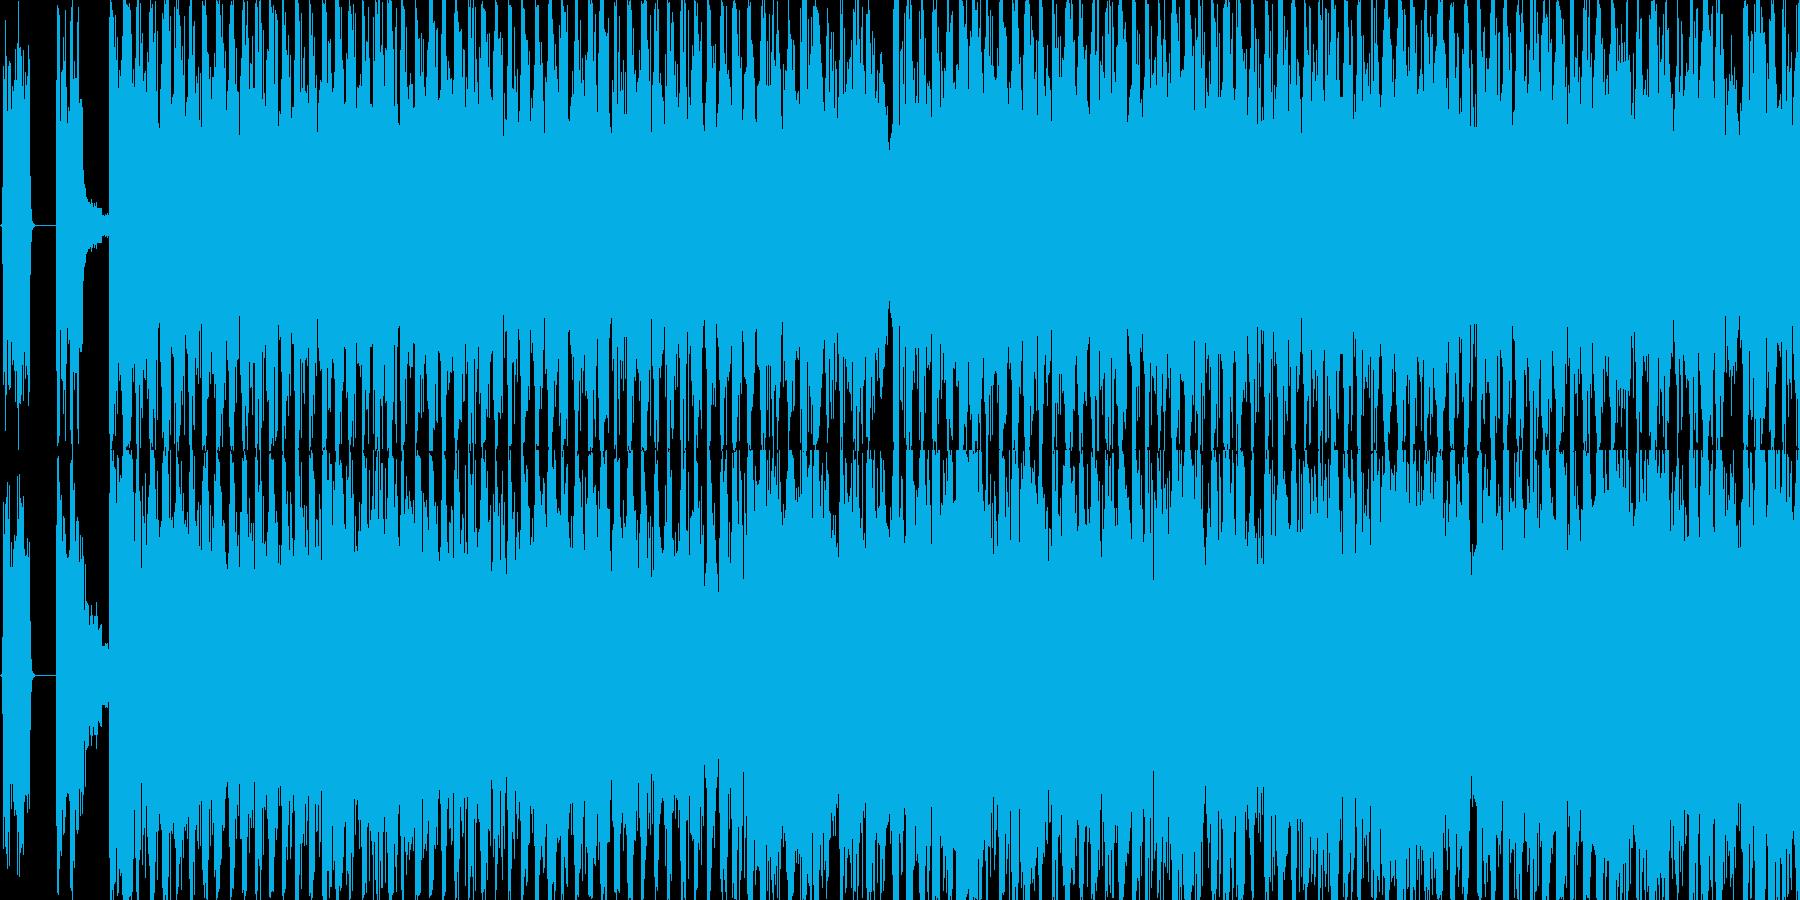 激しくメロディアスなロック・AOの再生済みの波形